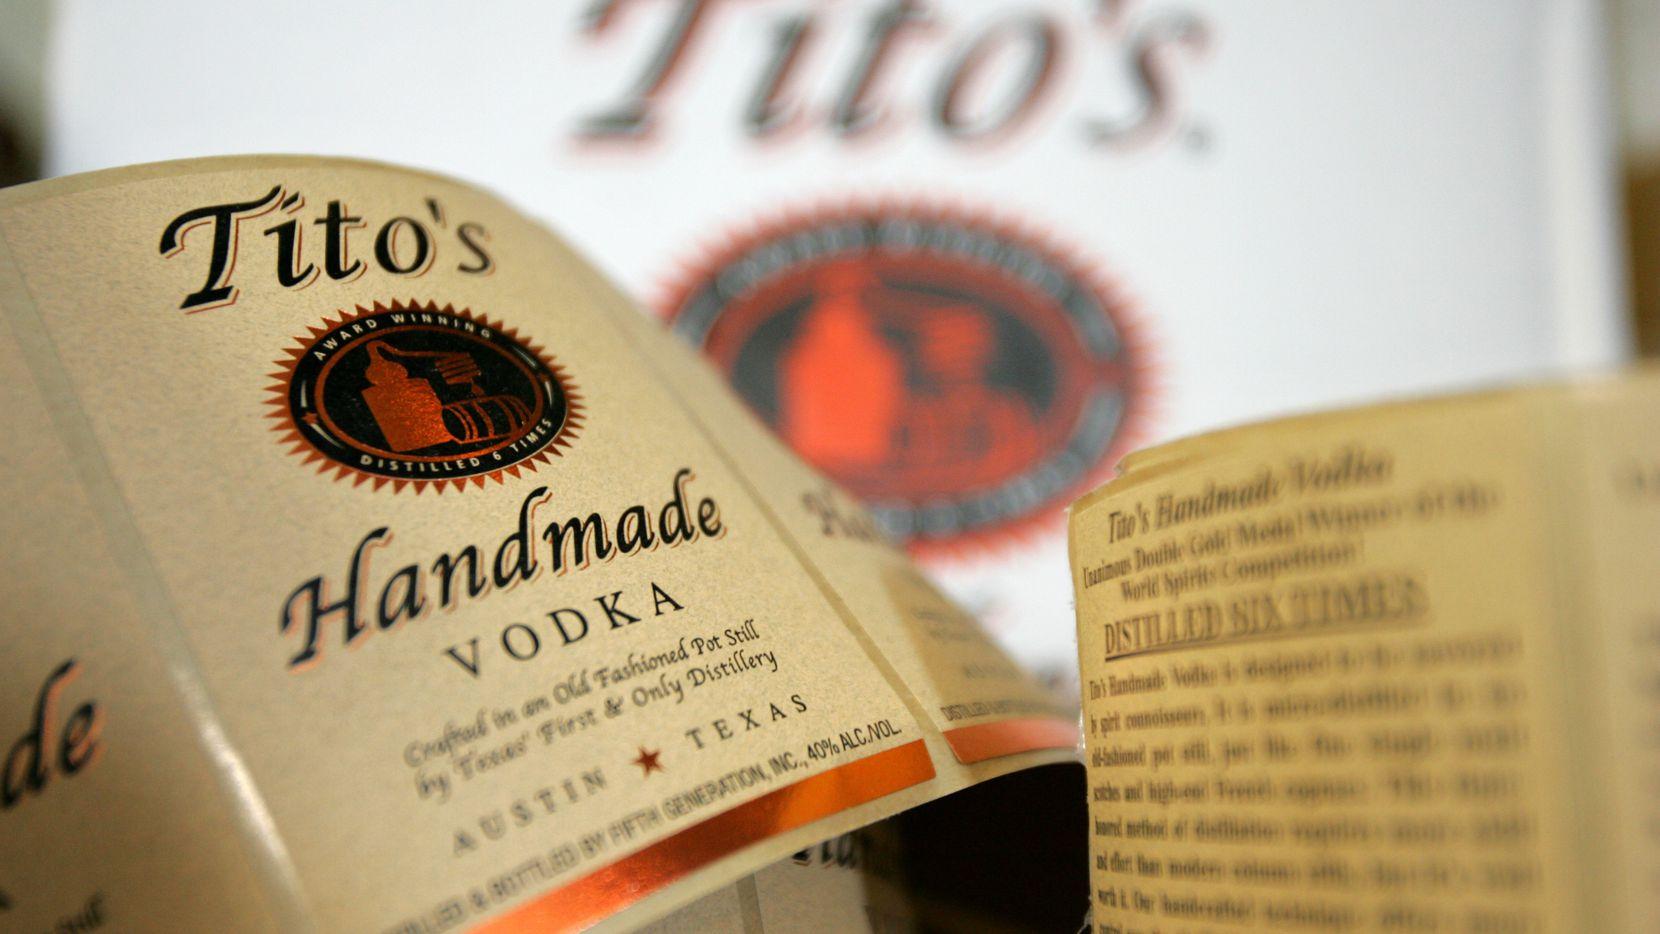 Tito's Handmade Vodka recomendó que no lo usen como método antibacterial.